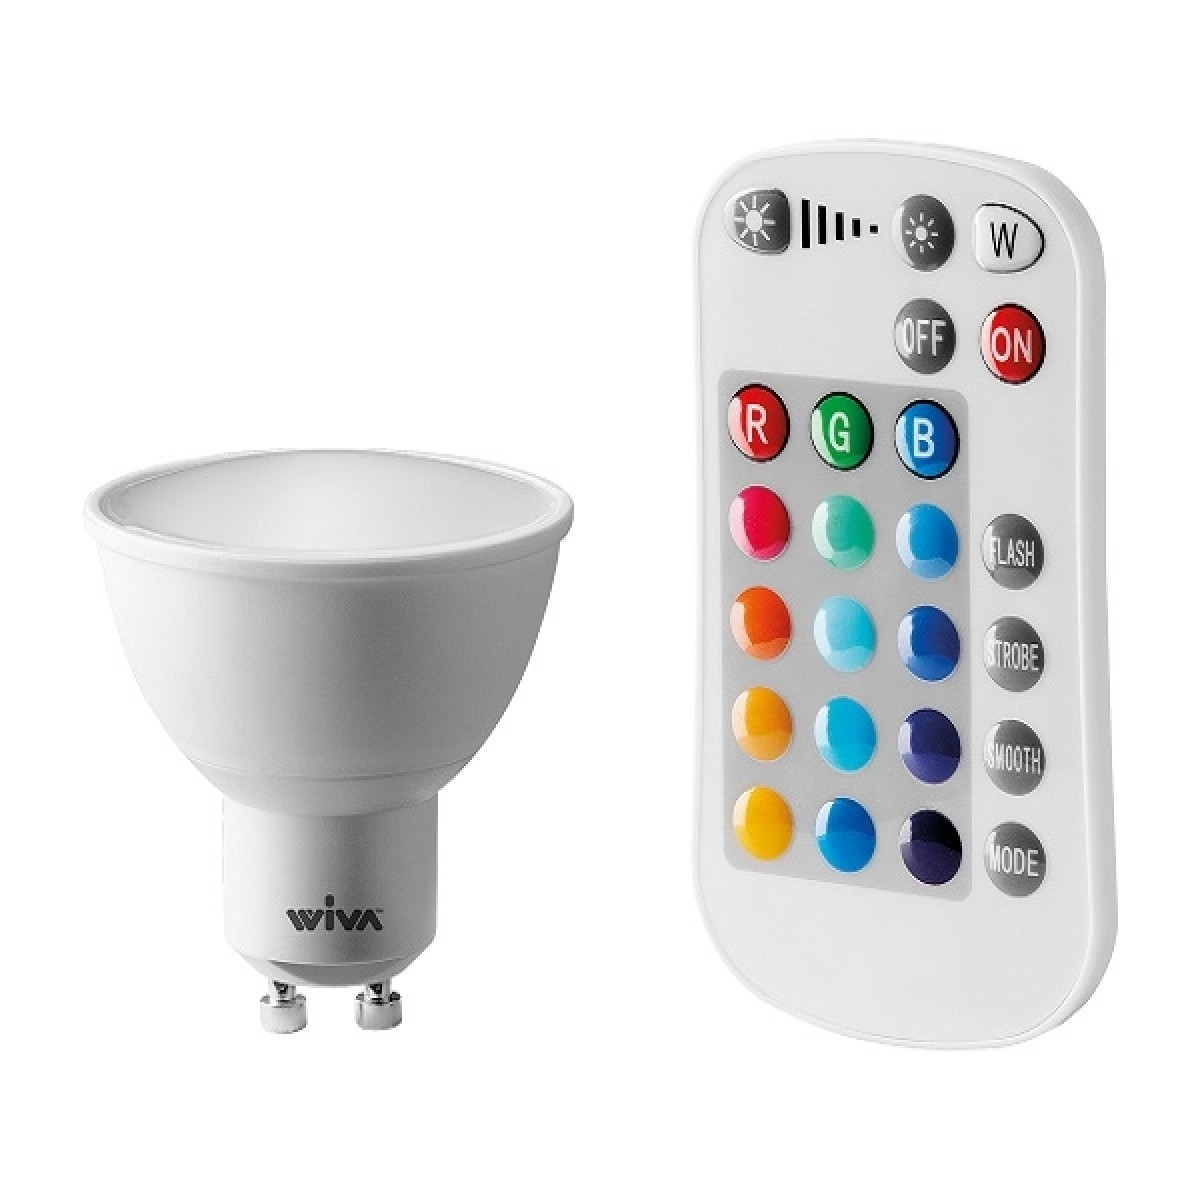 Lampada Led Con Telecomando.Wiva Lampadina Led Gu10 Faretto Spotlight 5w Rgb W Con Telecomando